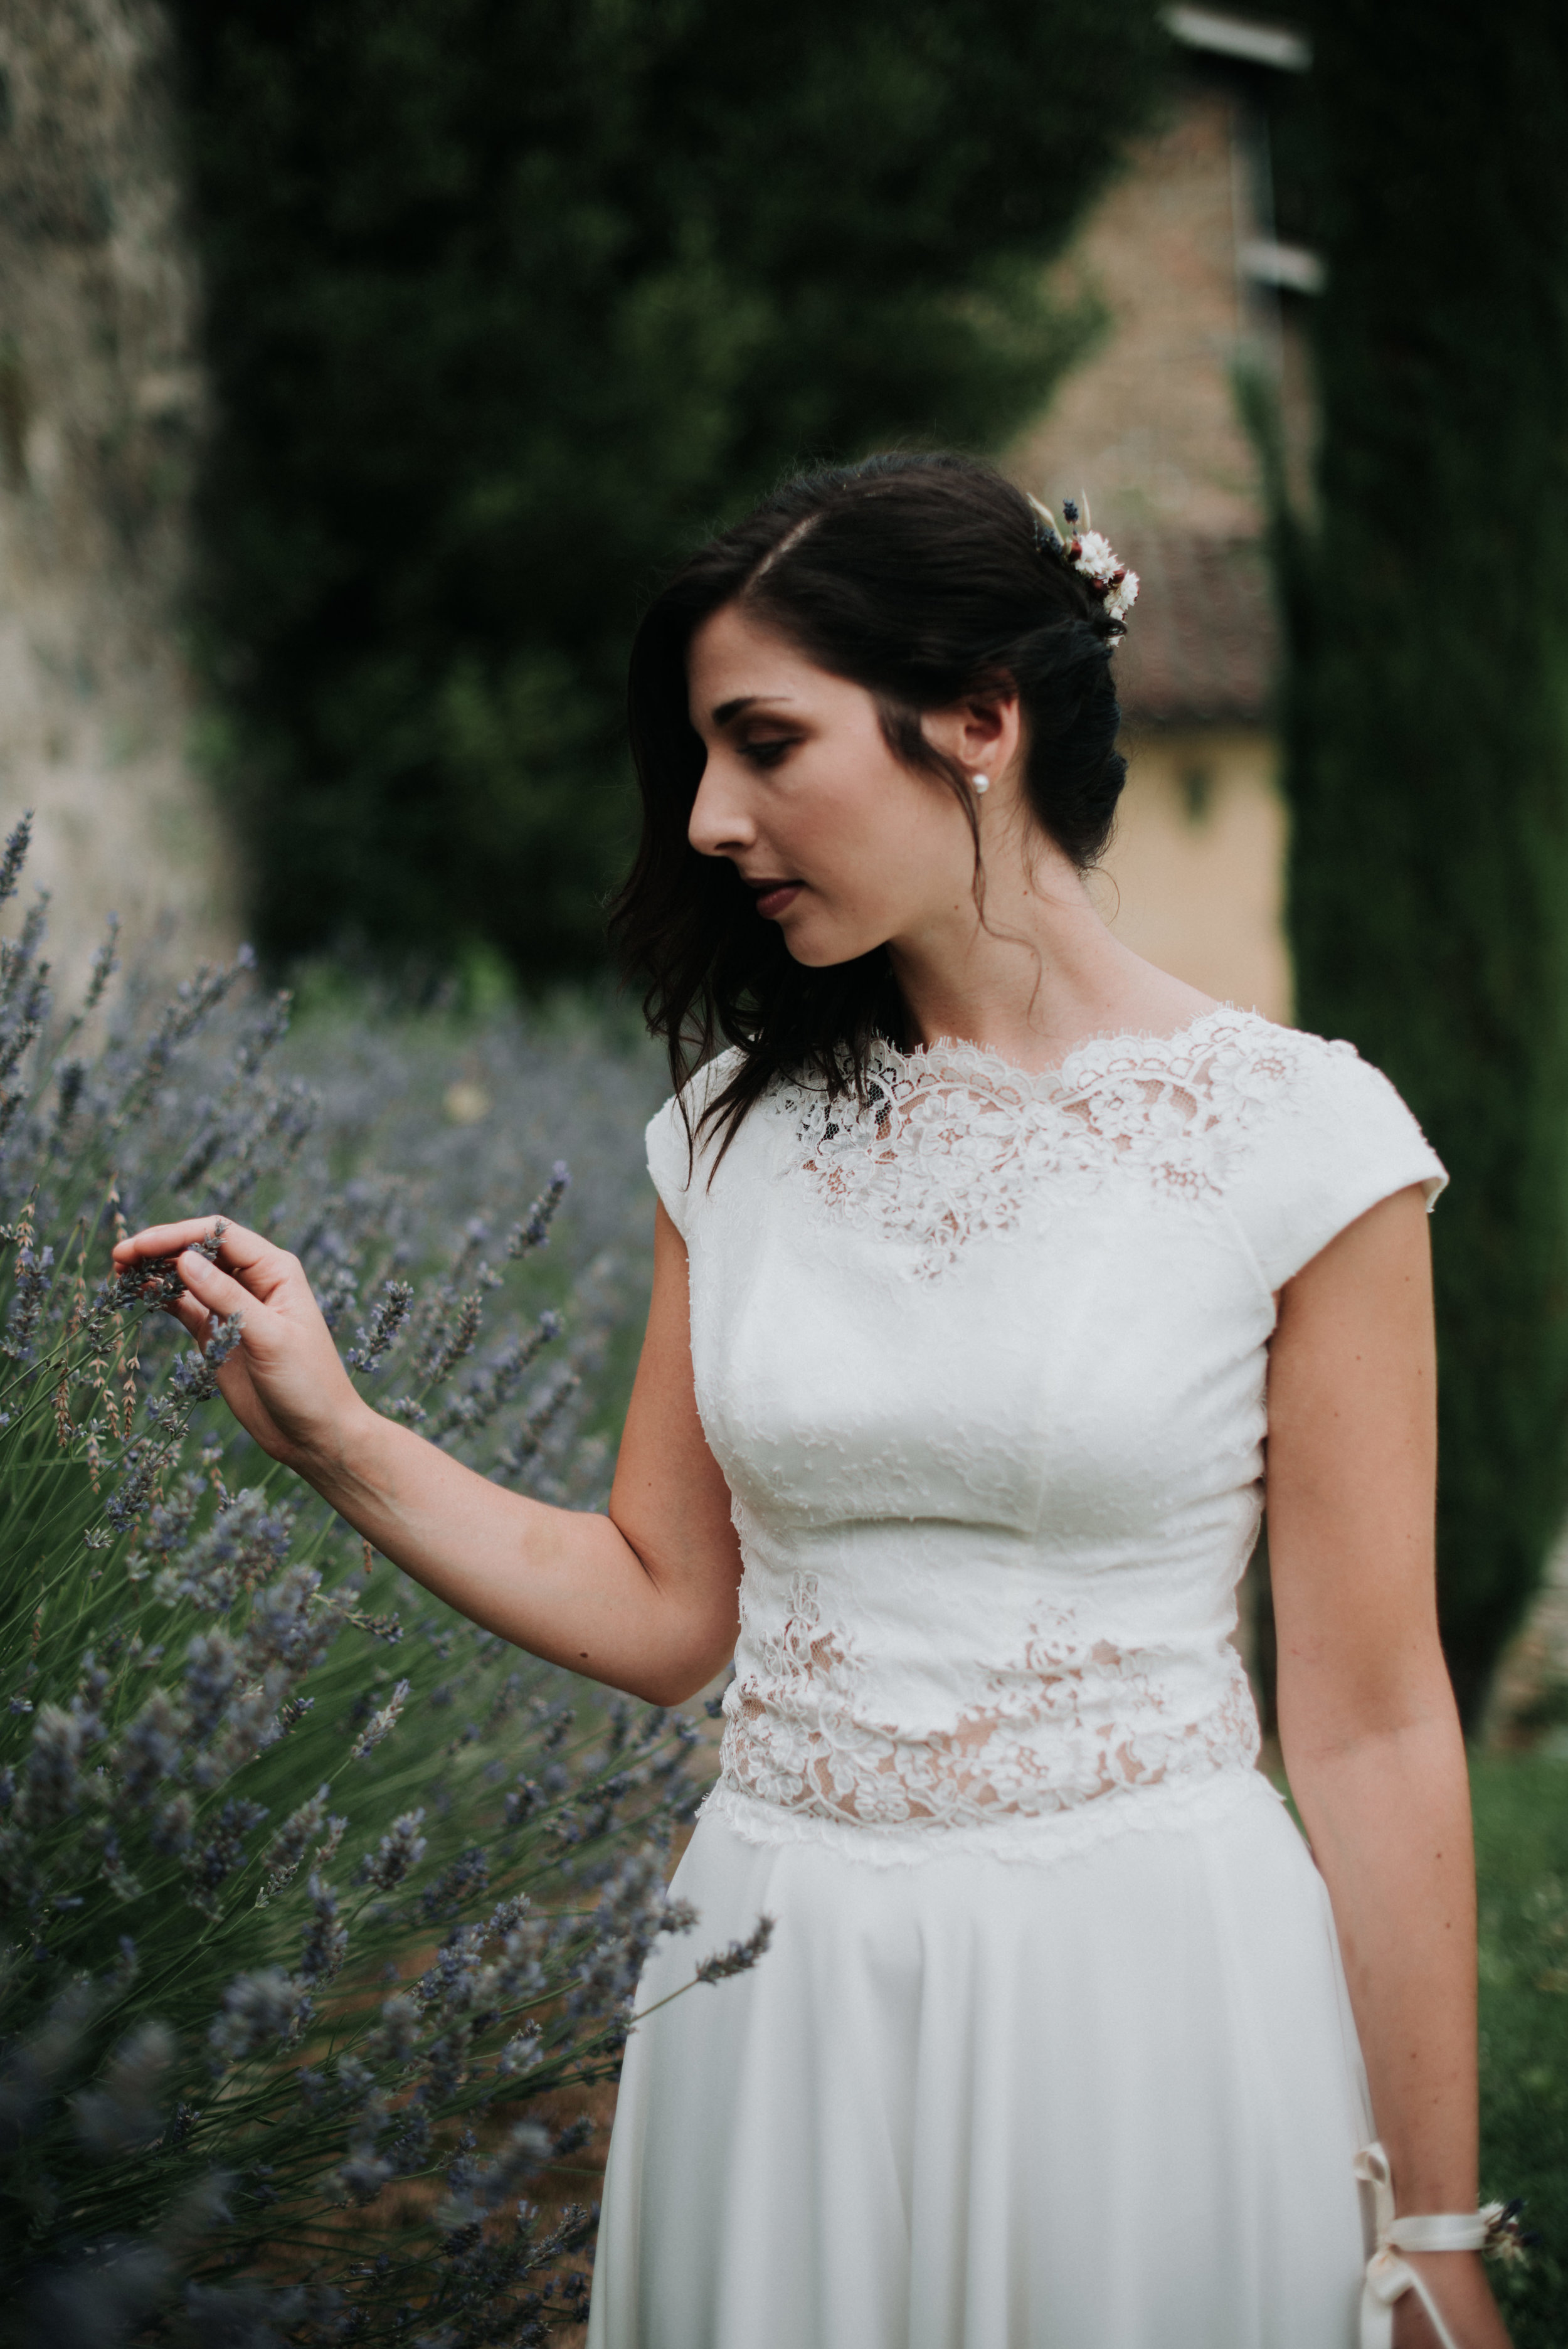 Léa-Fery-photographe-professionnel-lyon-rhone-alpes-portrait-creation-mariage-evenement-evenementiel-famille-8592.jpg